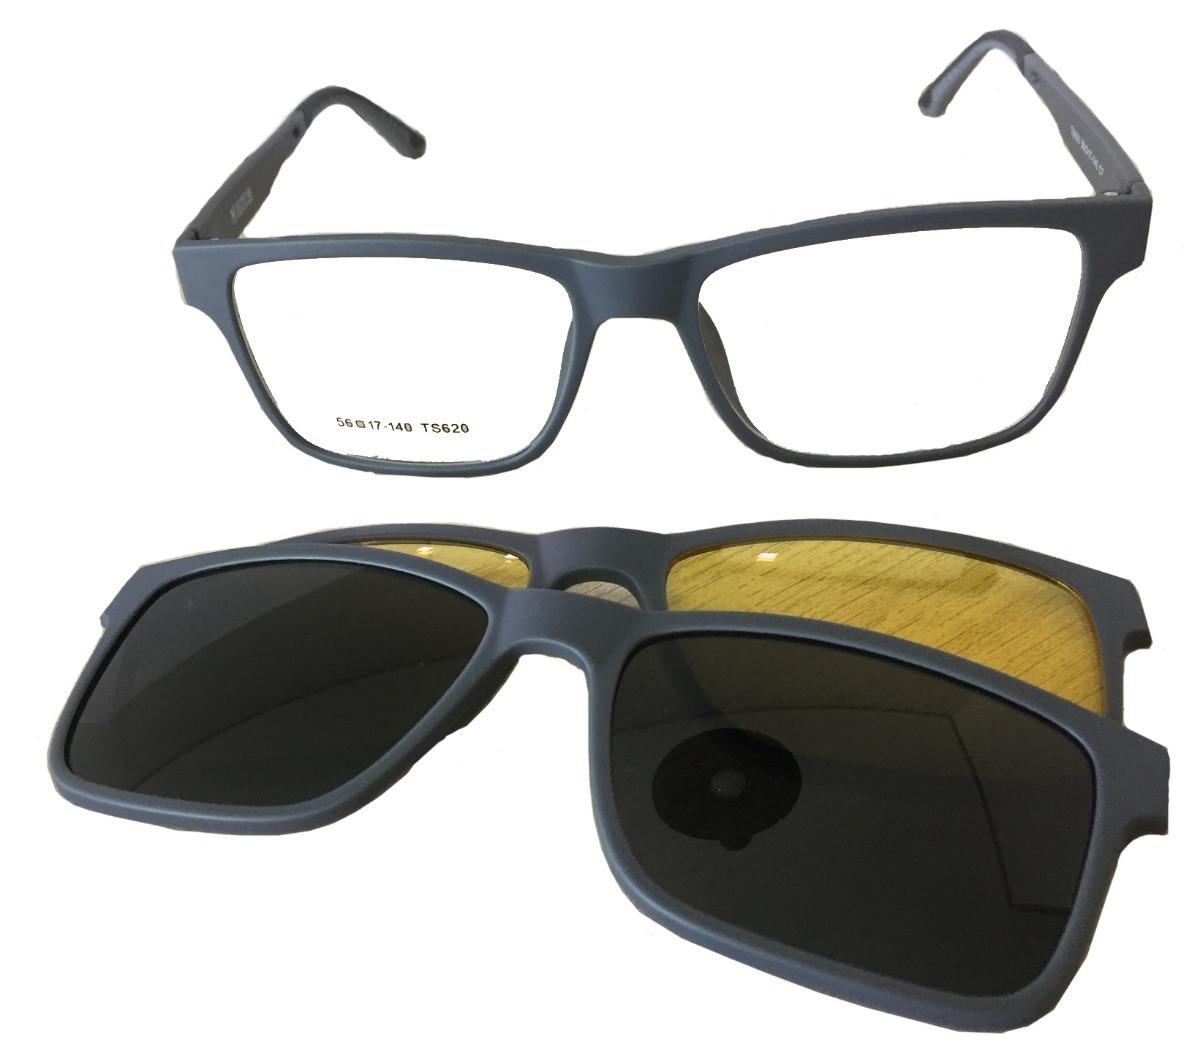 e69a6898faad1 armação masculina feminina grau clip on óculos promo lk040. Carregando zoom.